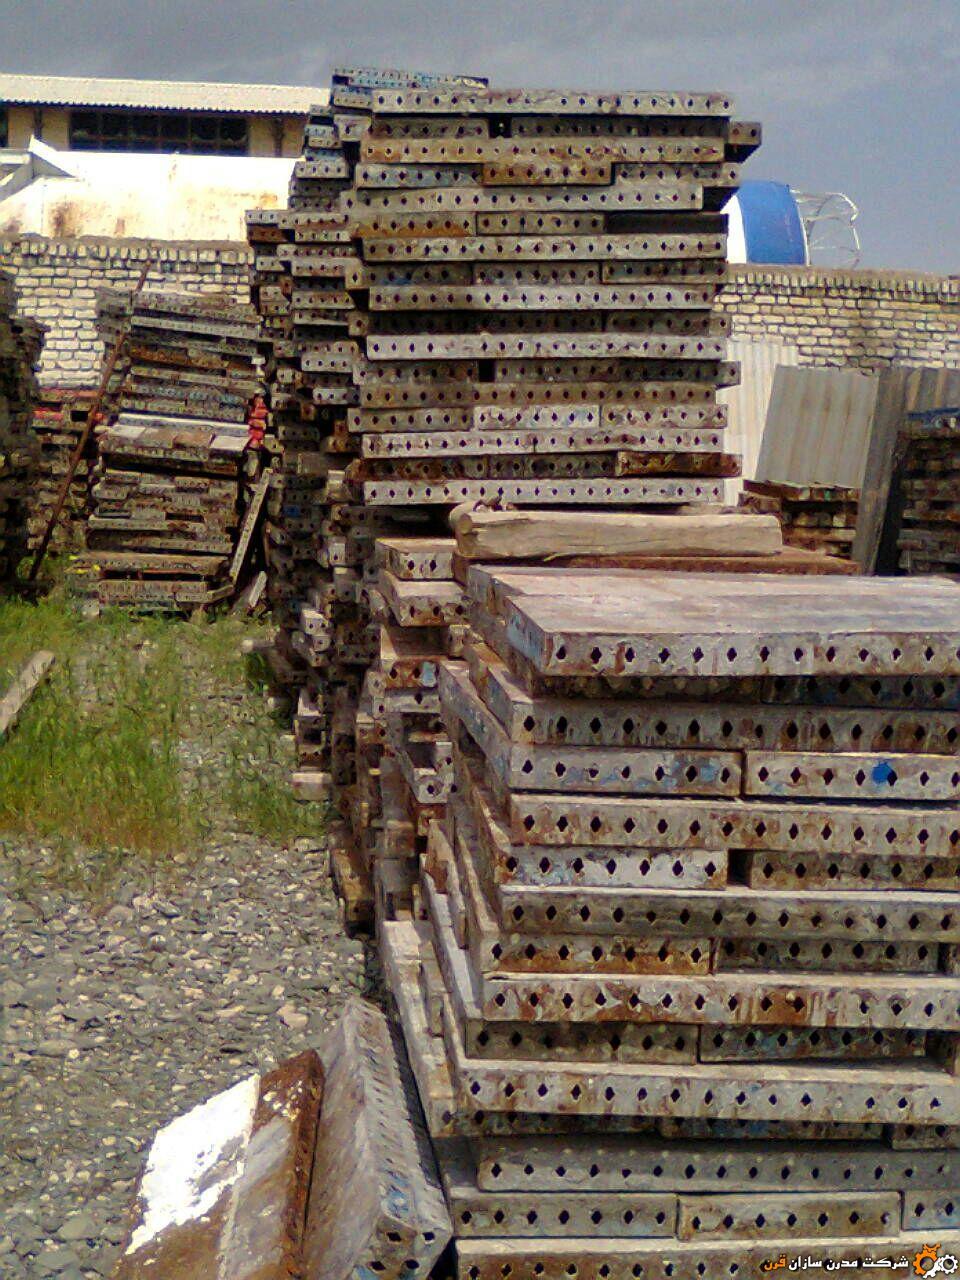 خرید قالب فلزی بتن کارکرده بایگانی - مدرن سازان قرن-قالب بتن ...فروش قالب بتن لبه ۶ مشهد